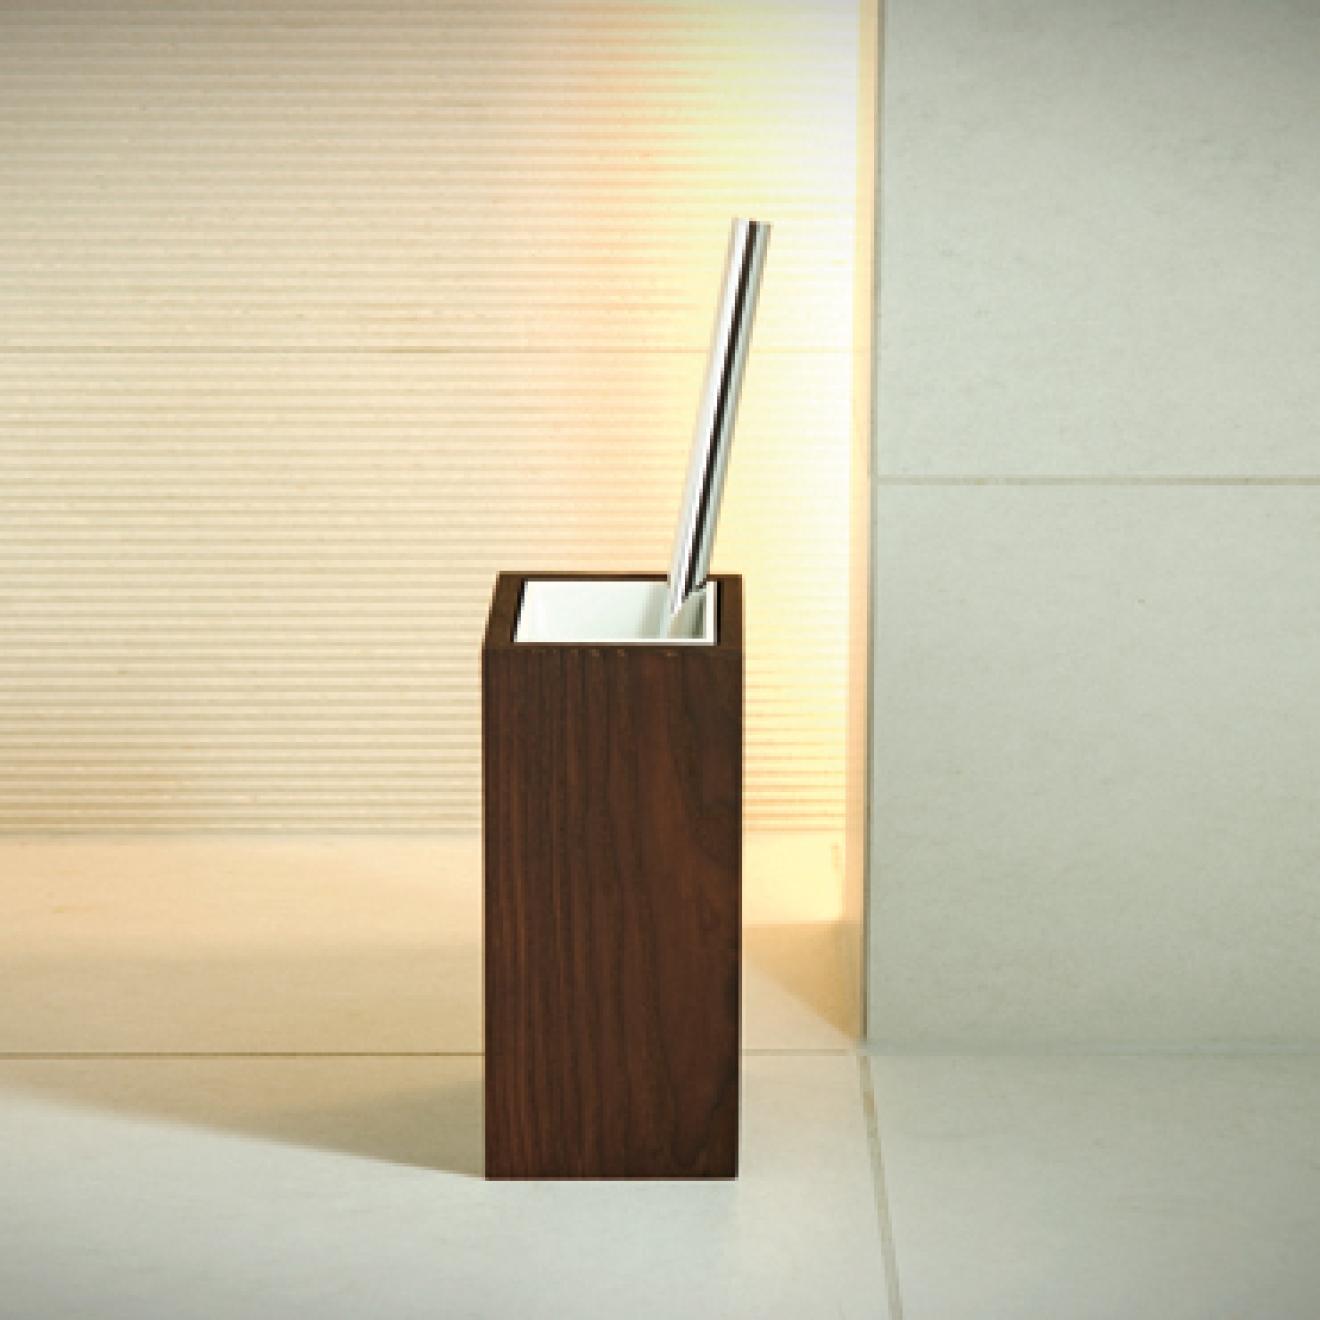 decor walther wc b rstengarnitur aus holz duschvorhangstangen duschvorh nge und hochwertige. Black Bedroom Furniture Sets. Home Design Ideas